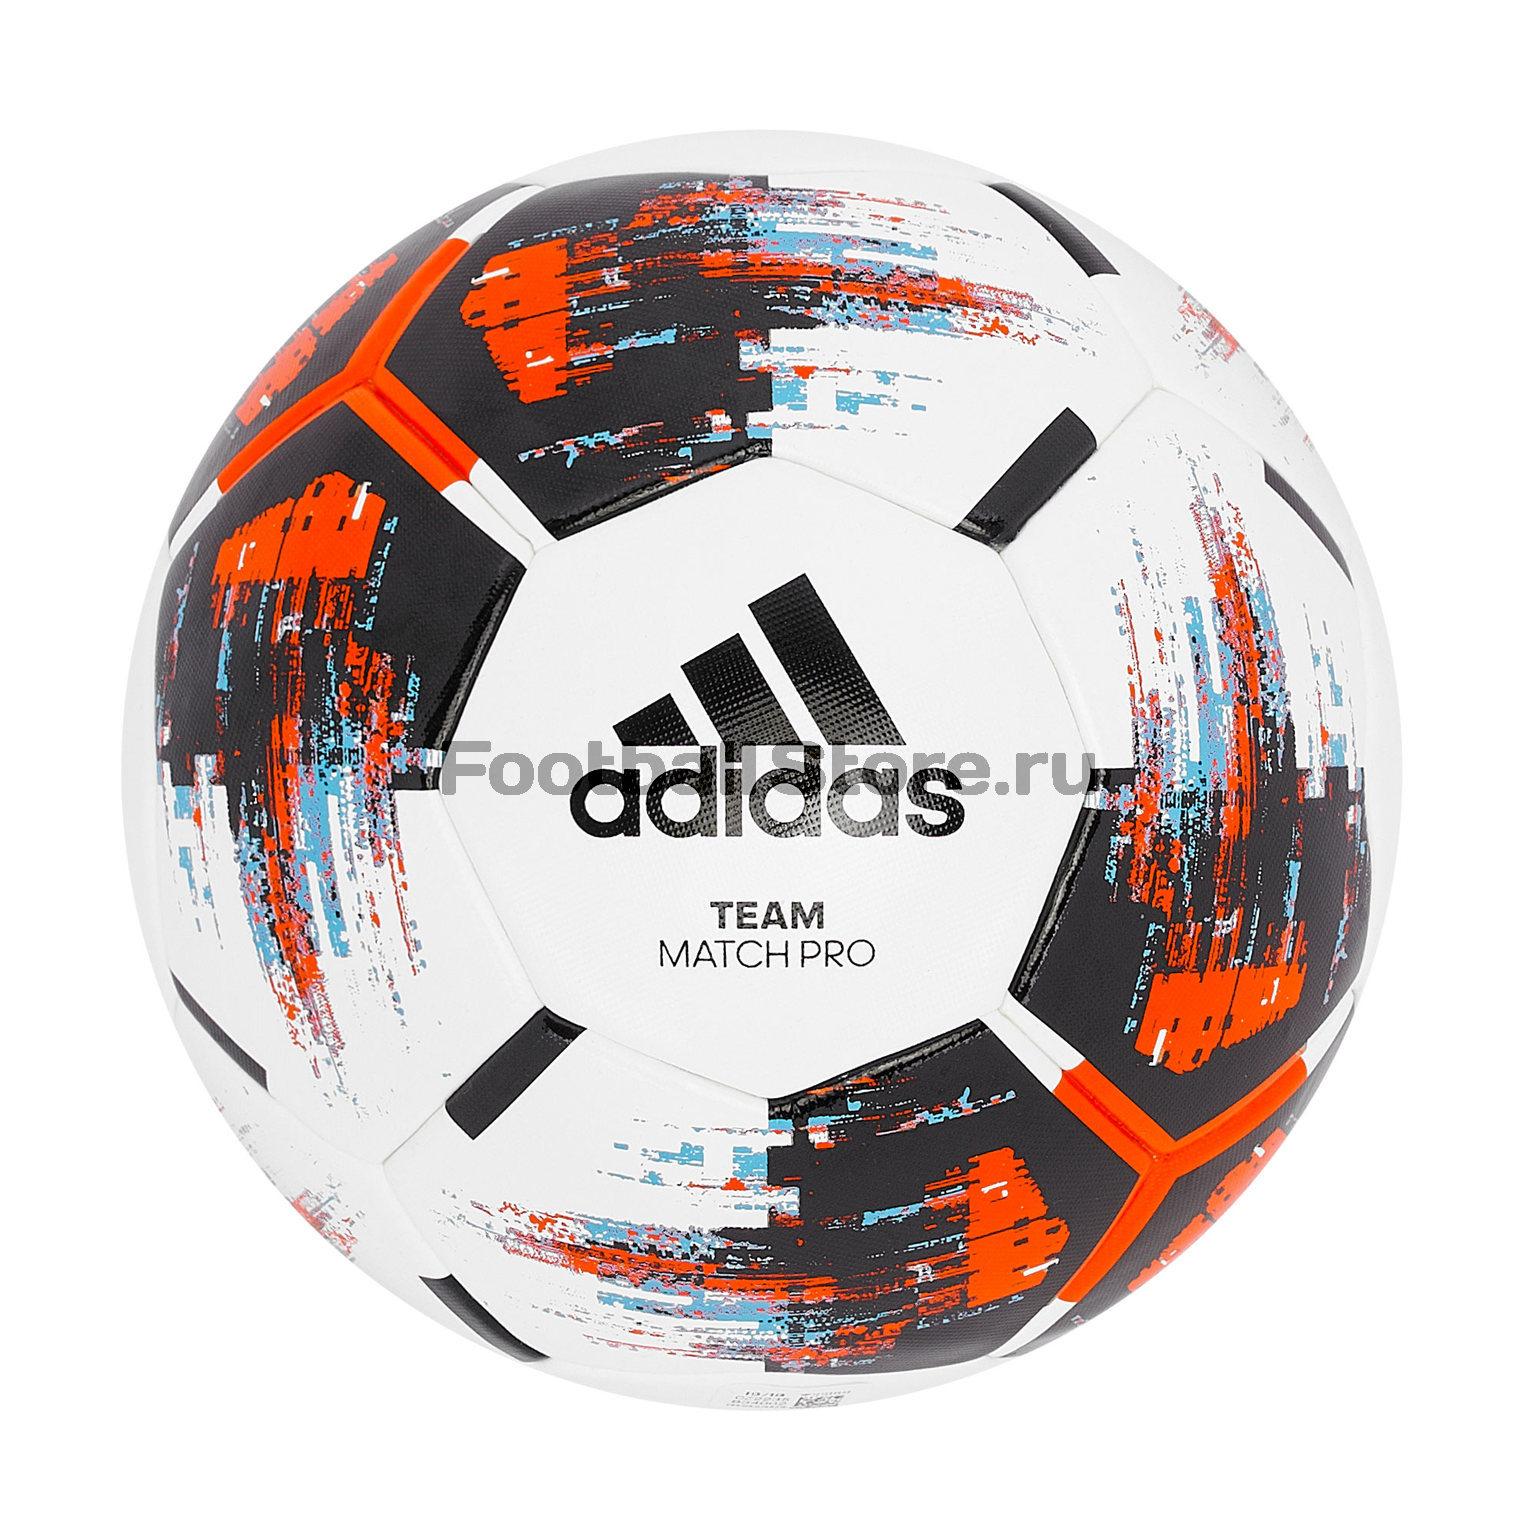 Футбольный мяч Adidas Team Match Ball CZ2235 мяч футбольный x match 56443 21 см